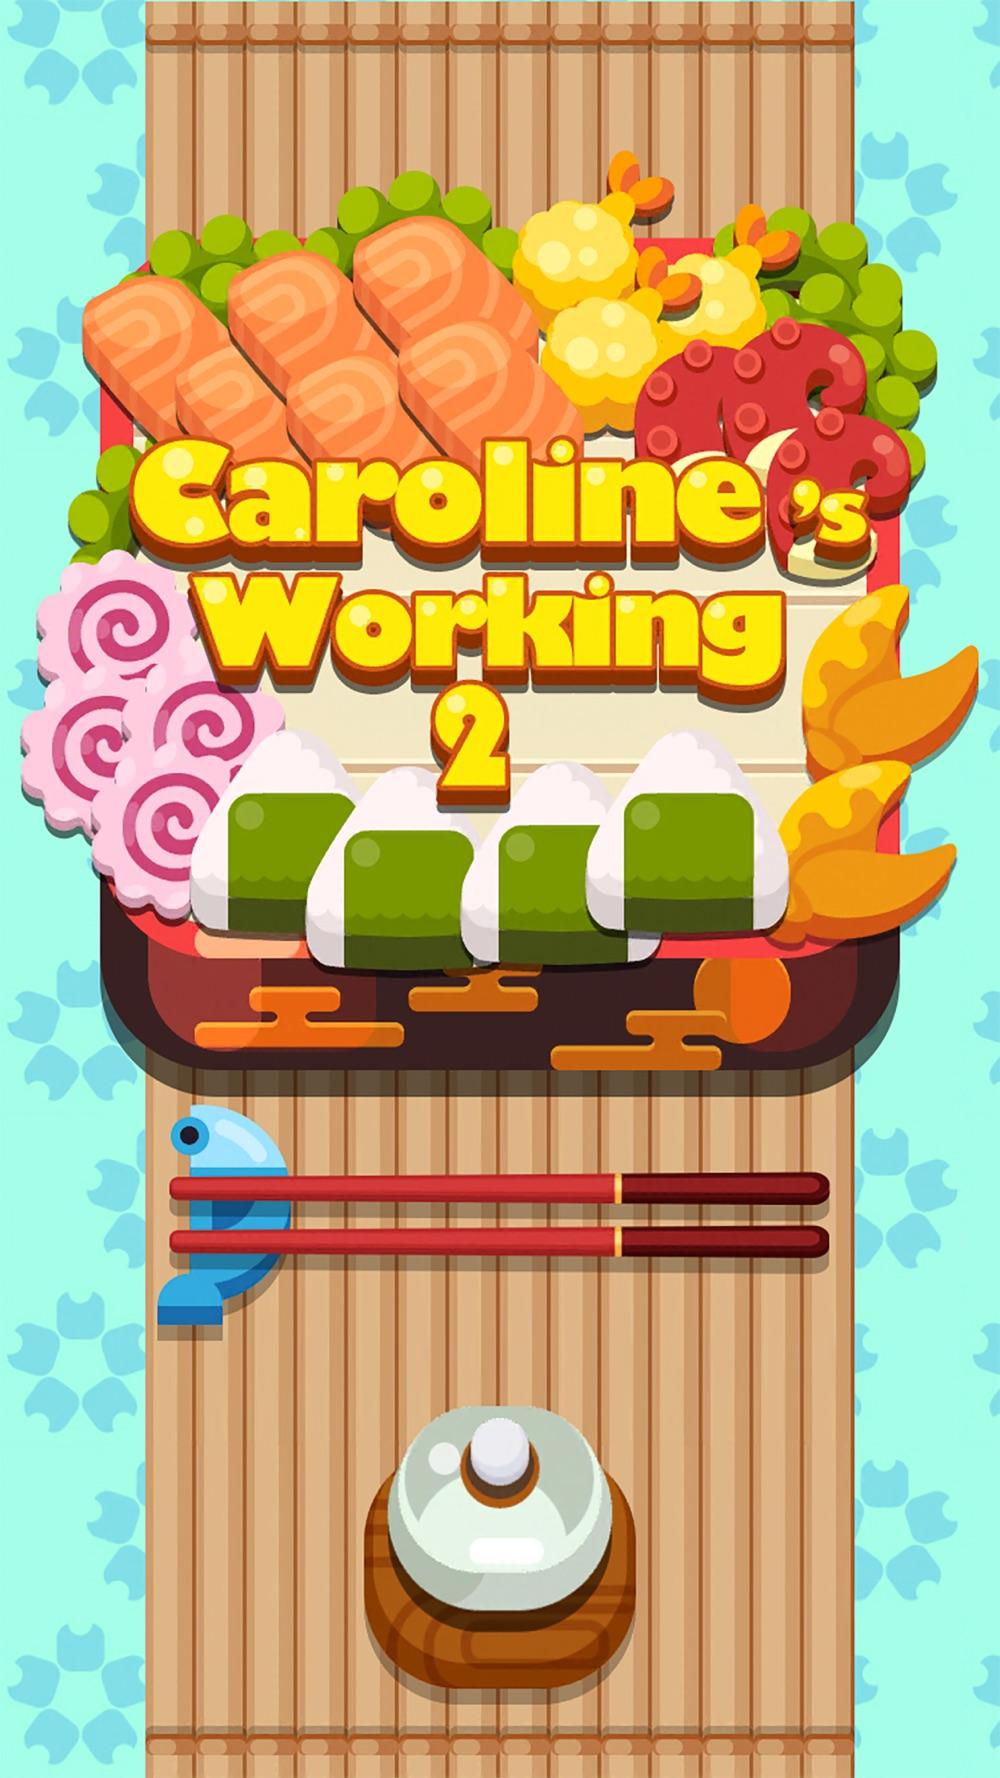 Caroline's Working 2